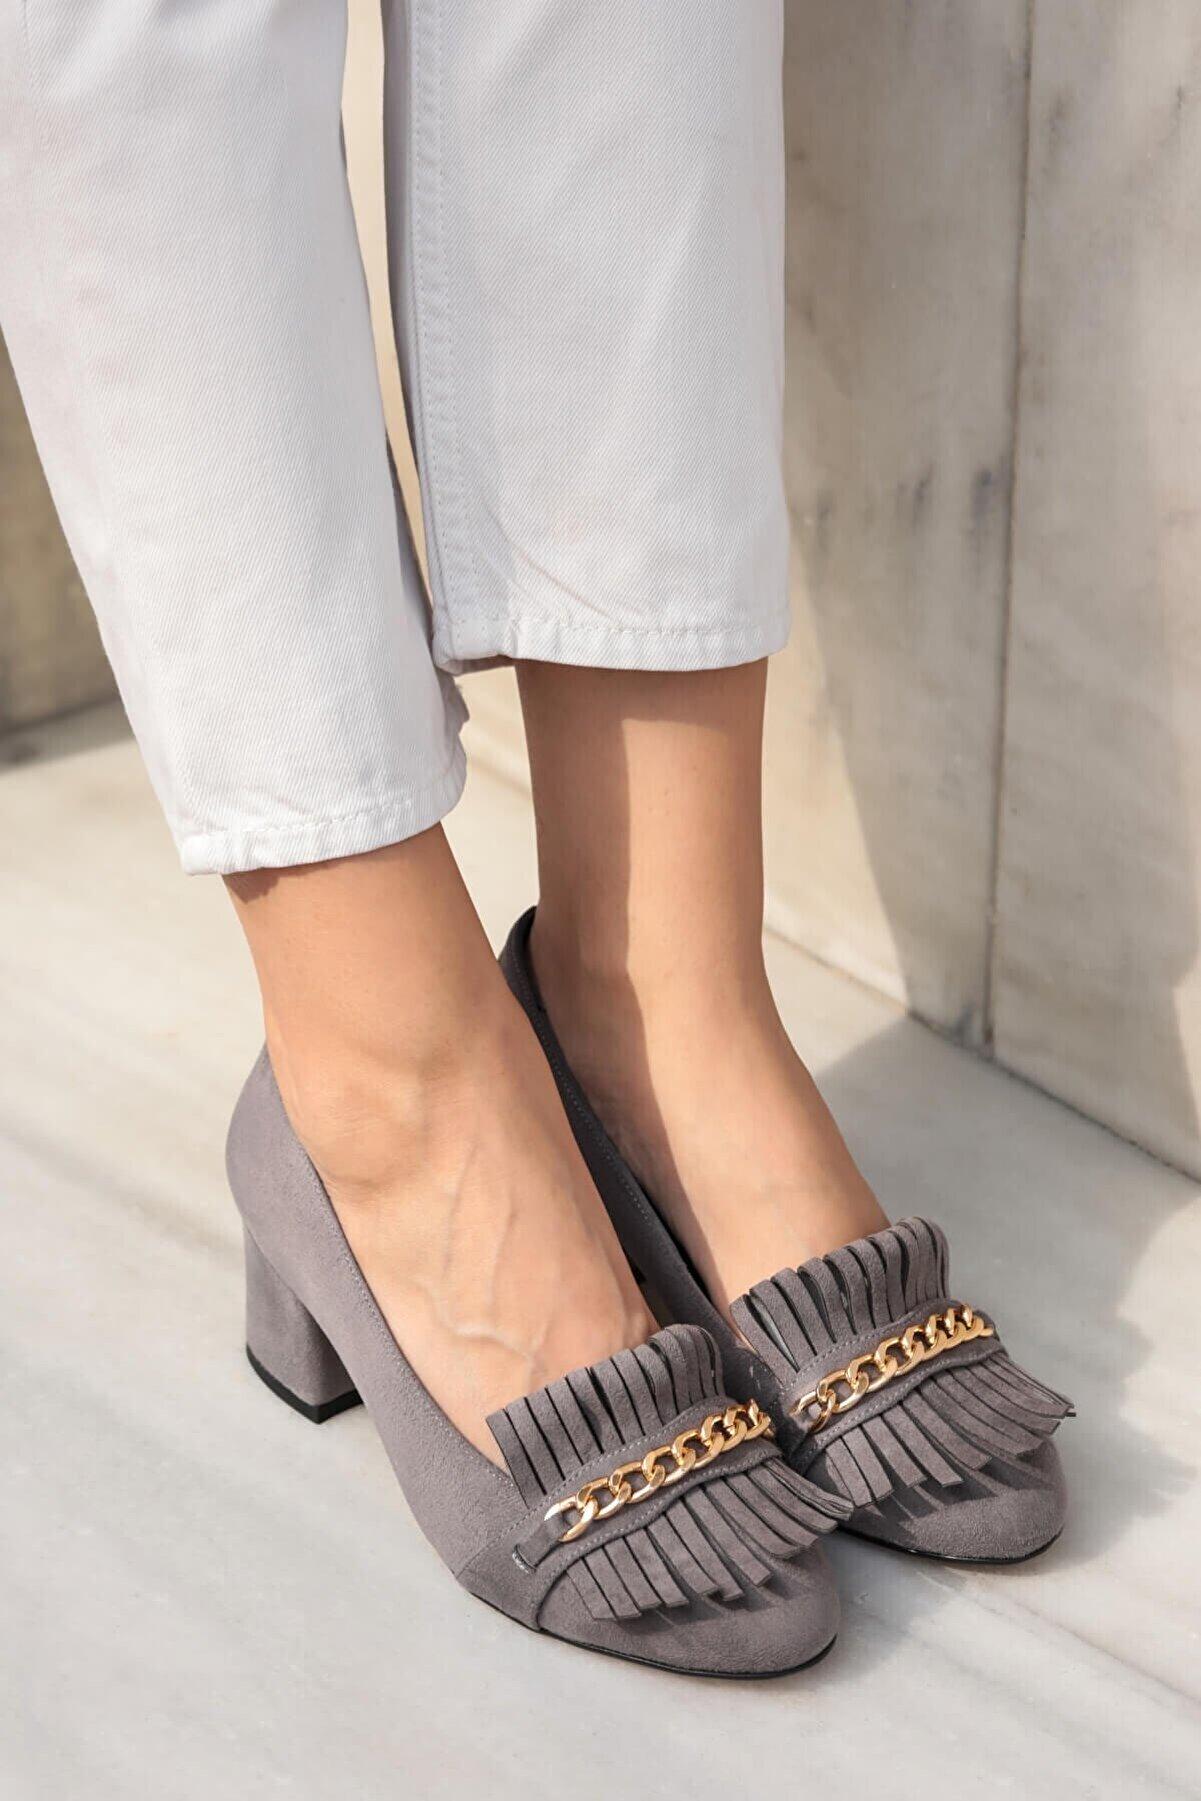 Mio Gusto Sharon Gri Topuklu Ayakkabı